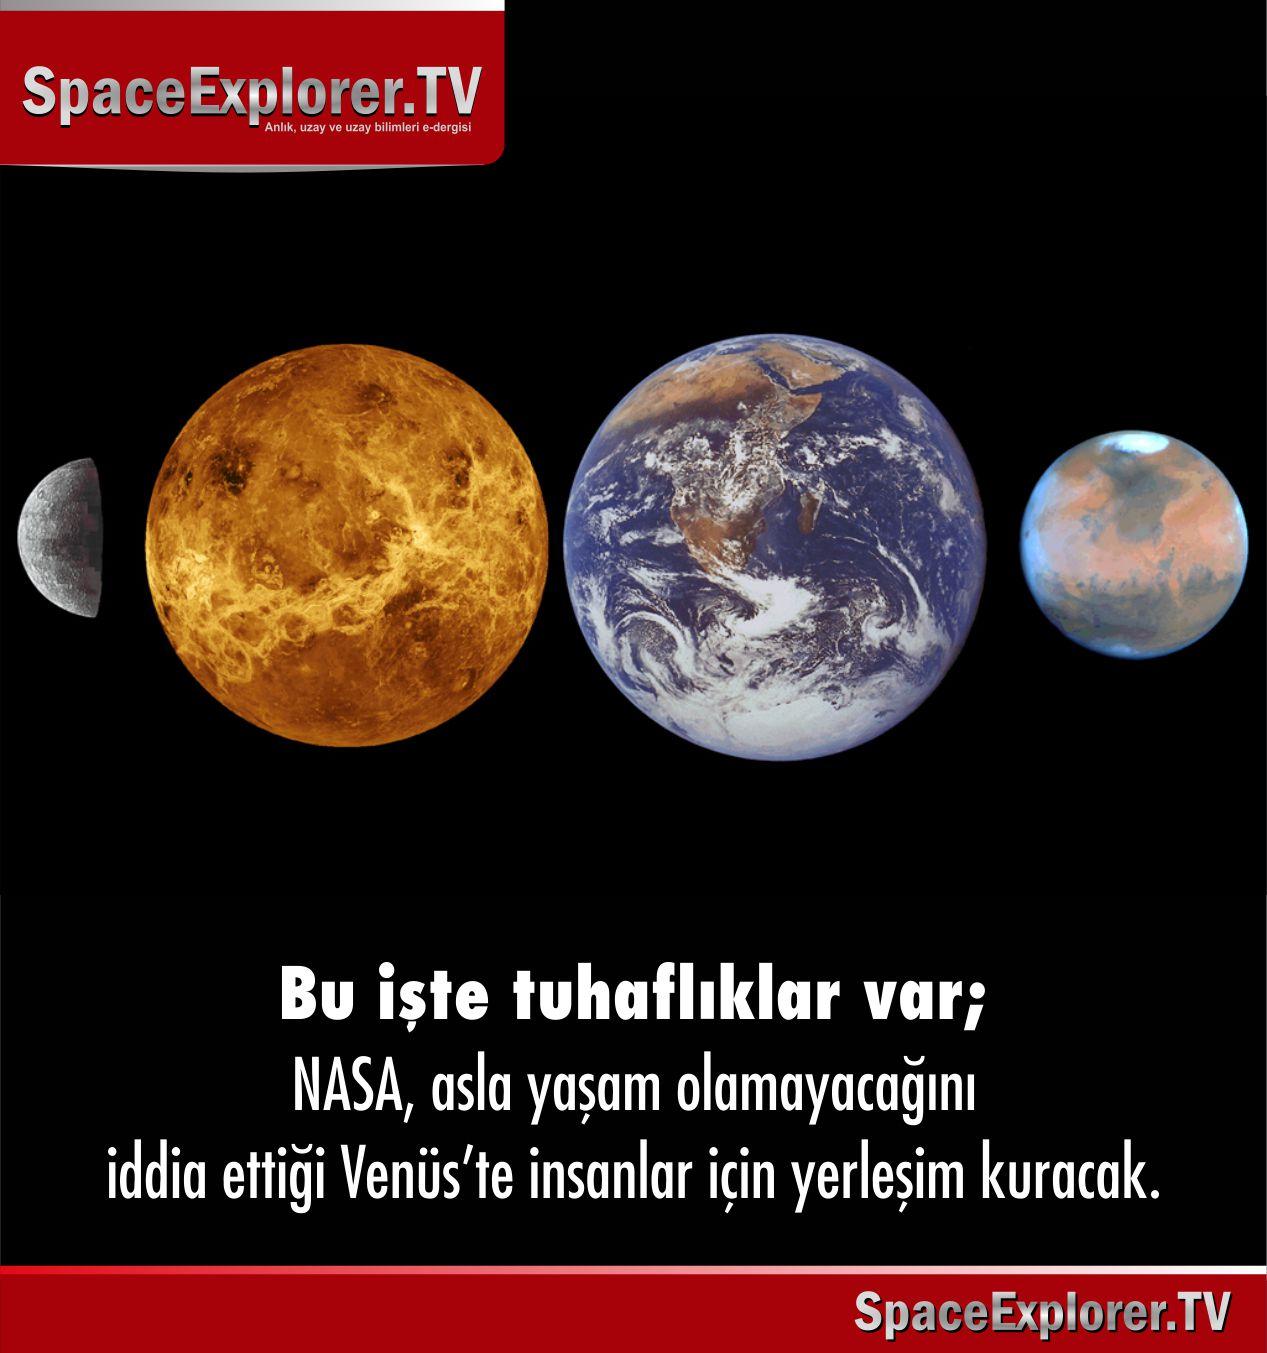 Bu işte tuhaflıklar var: NASA asla yaşam olamayacağını iddia ettiği Venüs'te insanlar için yerleşim kuracak.